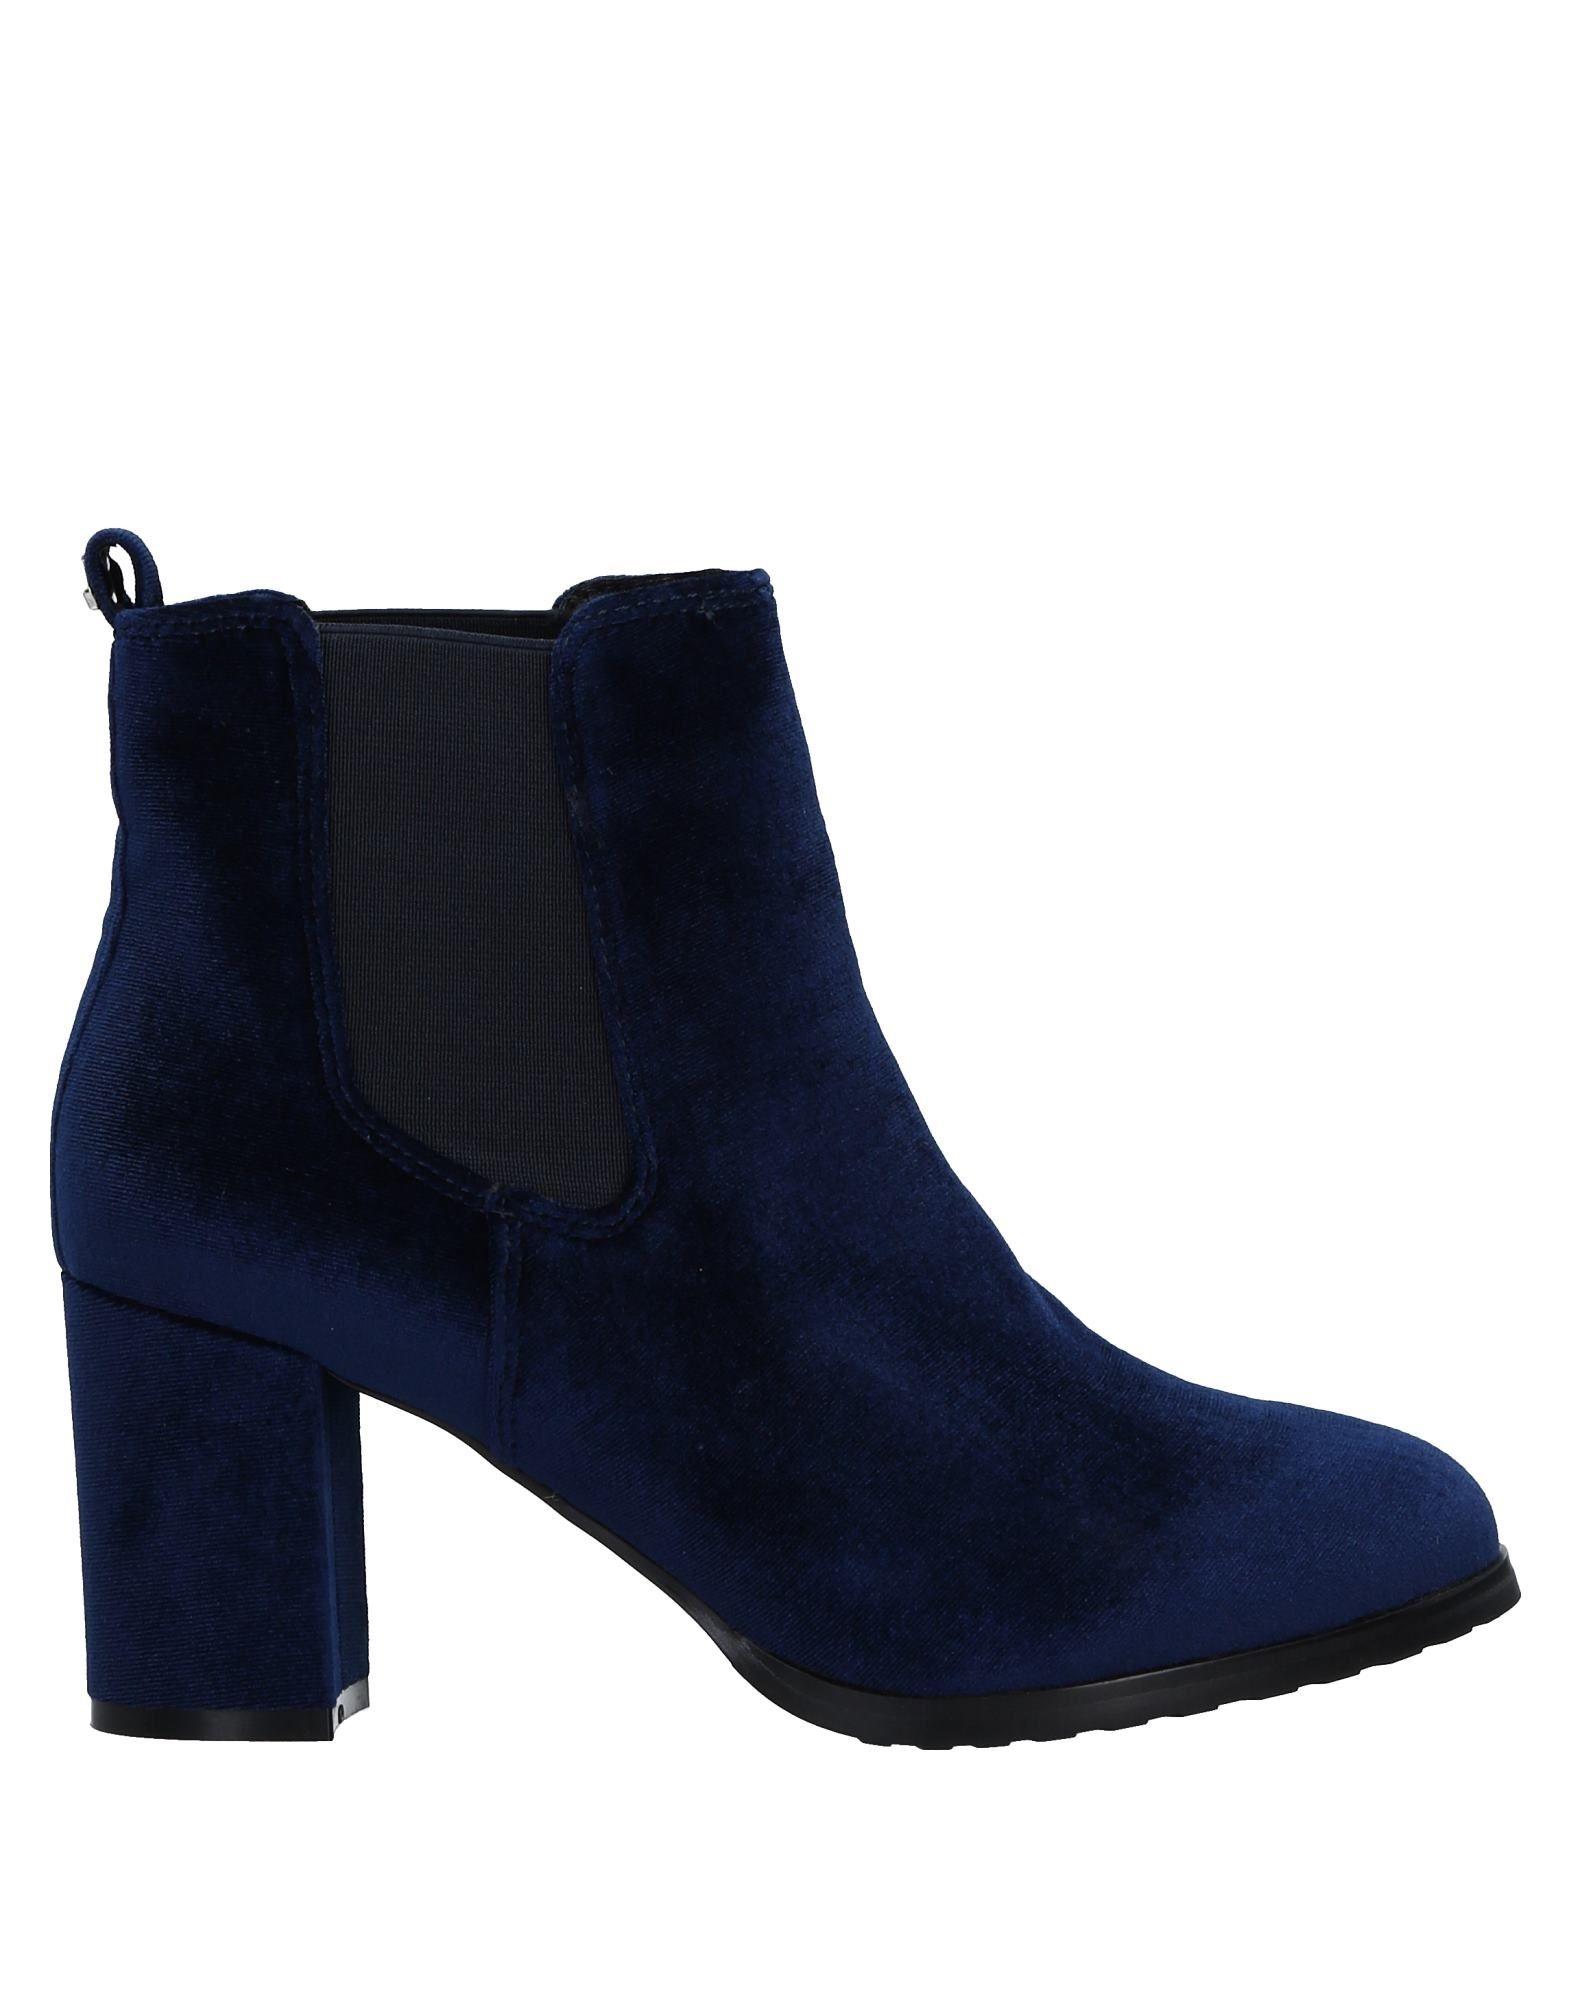 Sara López Stiefelette Damen  11533697OE Gute Qualität beliebte Schuhe